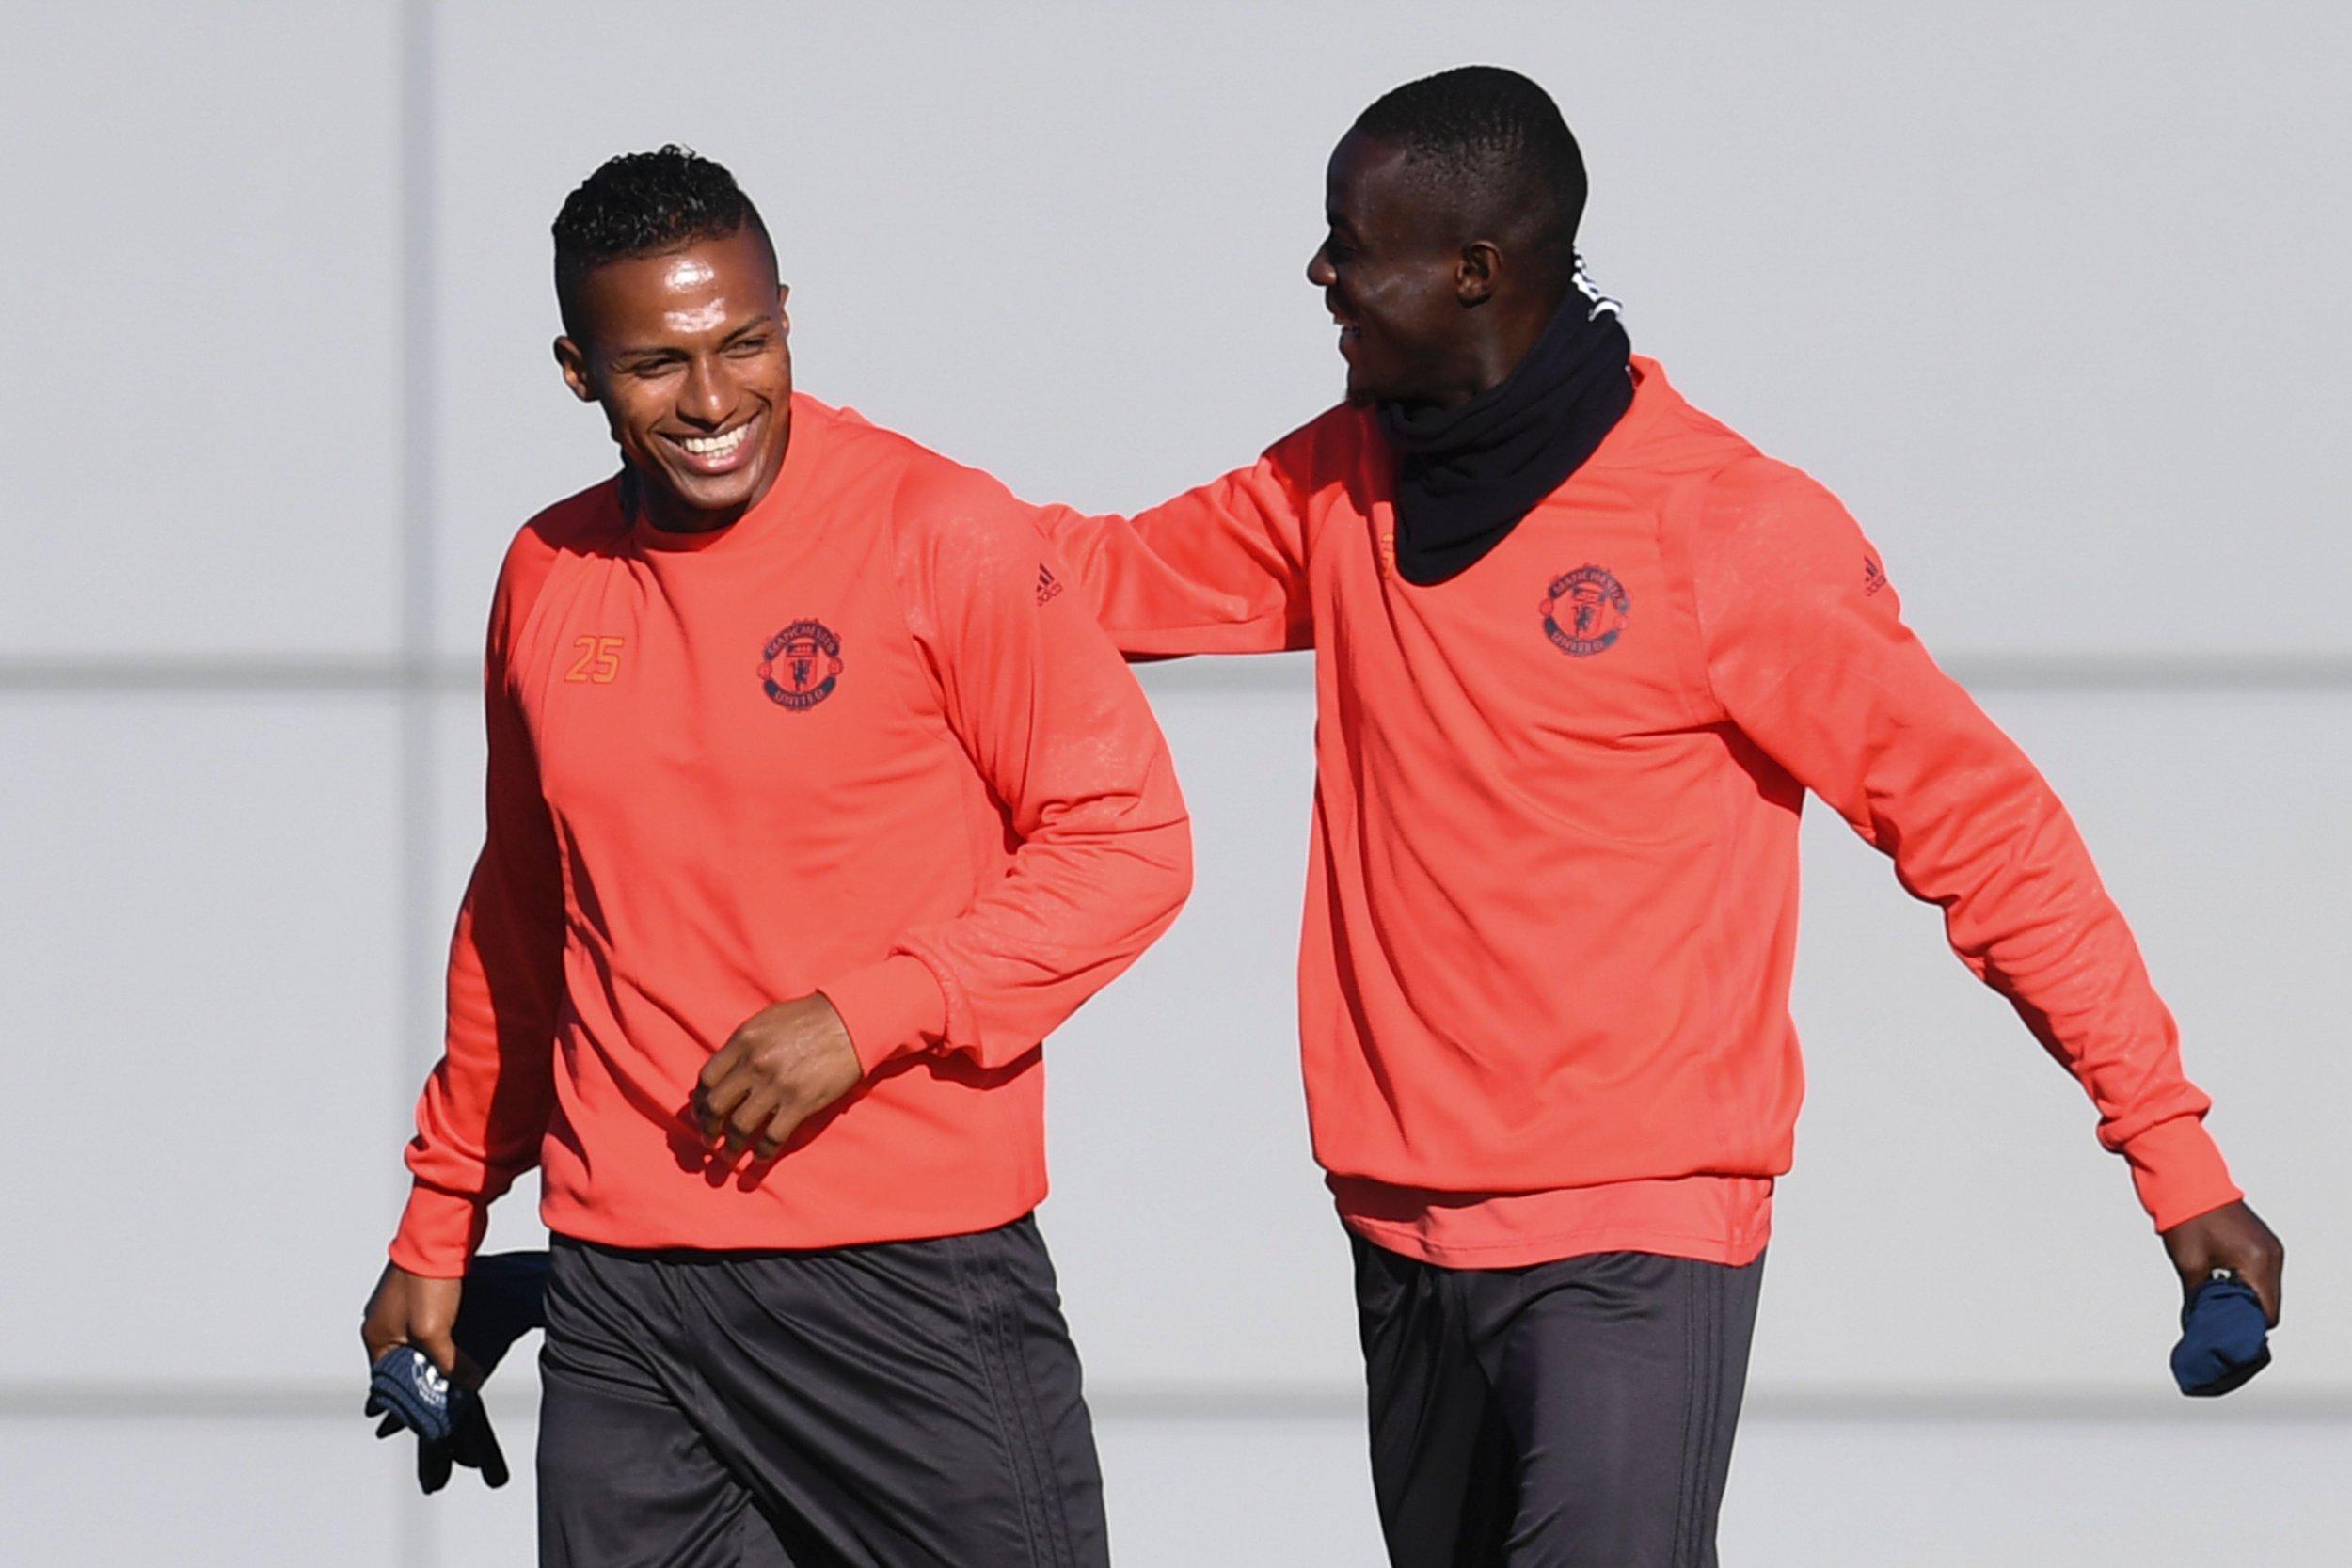 Valencia and Bailly